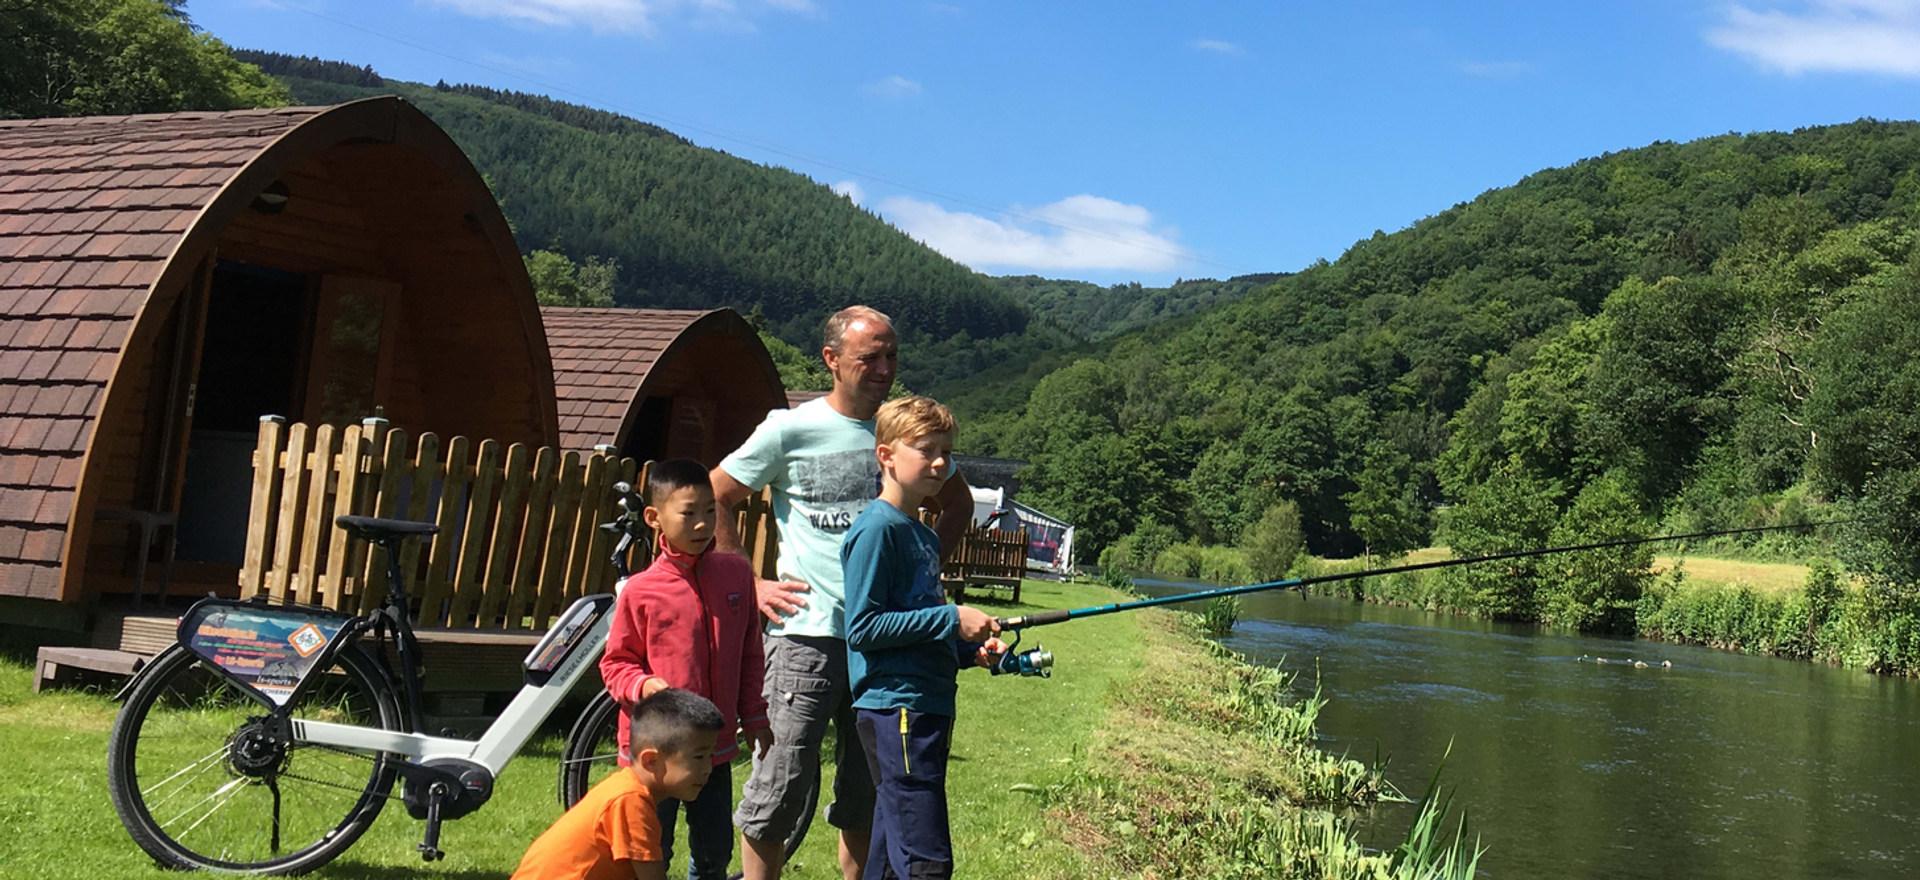 Camping Bissen_Heiderscheidergrund_Luxem